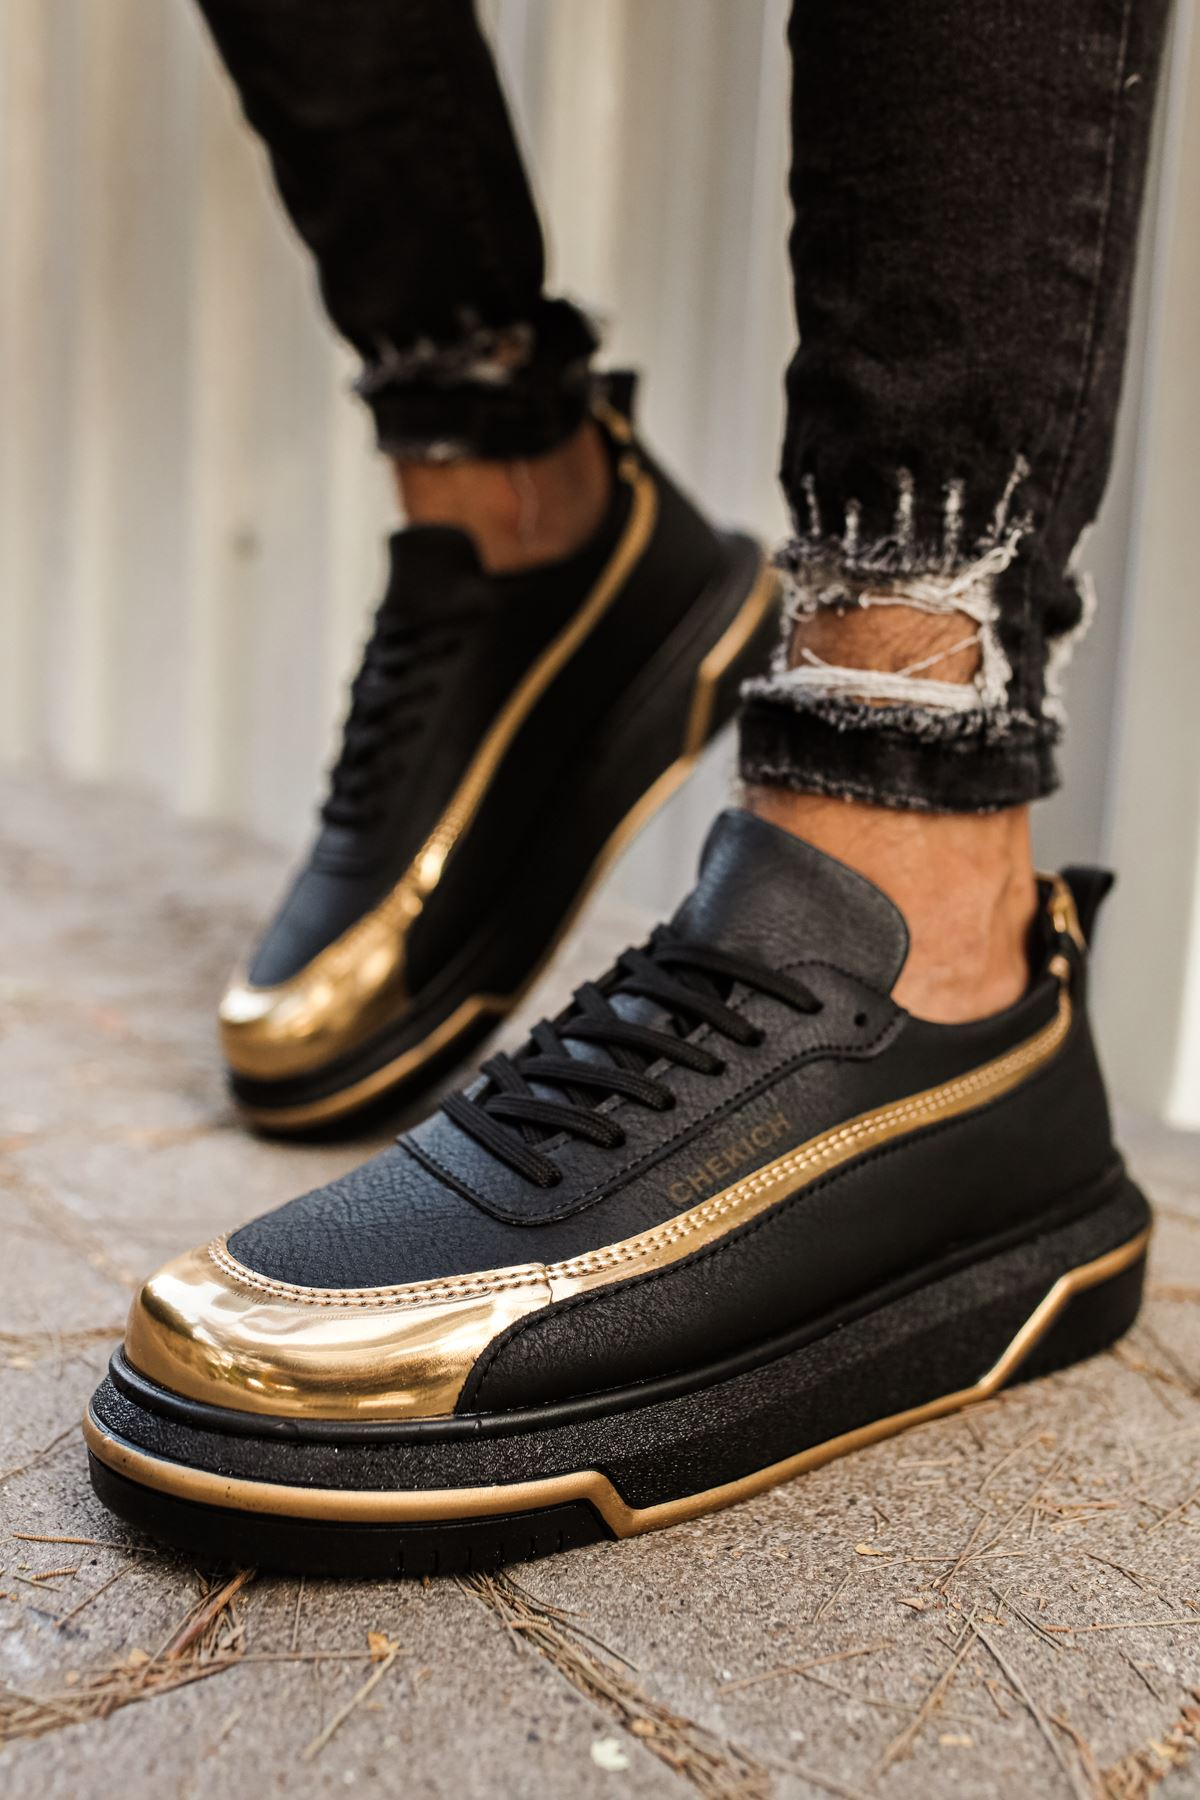 unisex sneakers on fbazaar 1-year warranty